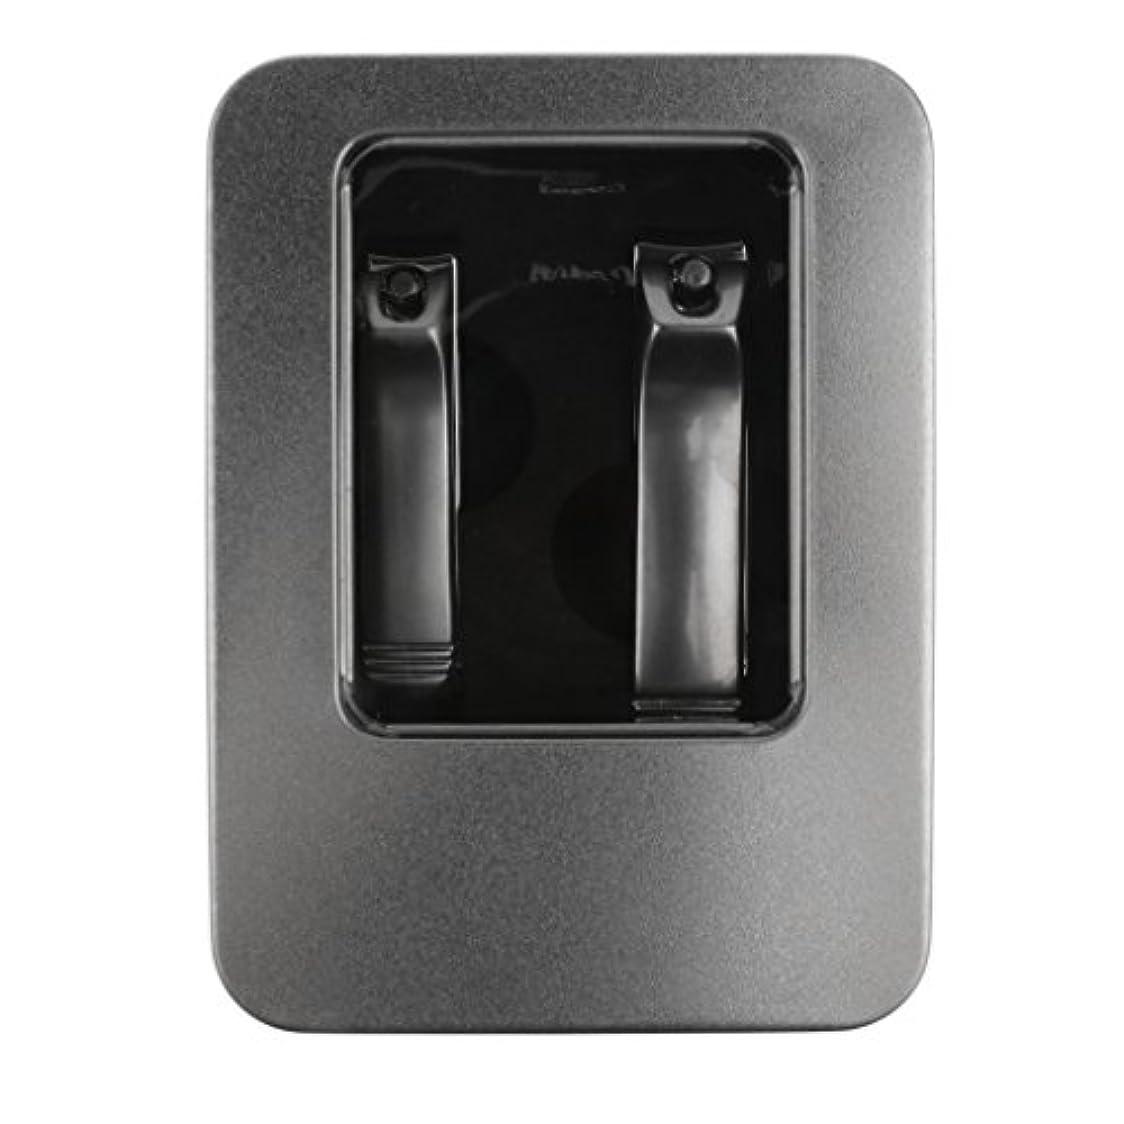 スノーケル約束する主婦DYNWAVE 2本のステンレス鋼のネイルカッタートリマーマニキュアペディキュアケアはさみ+ボックス